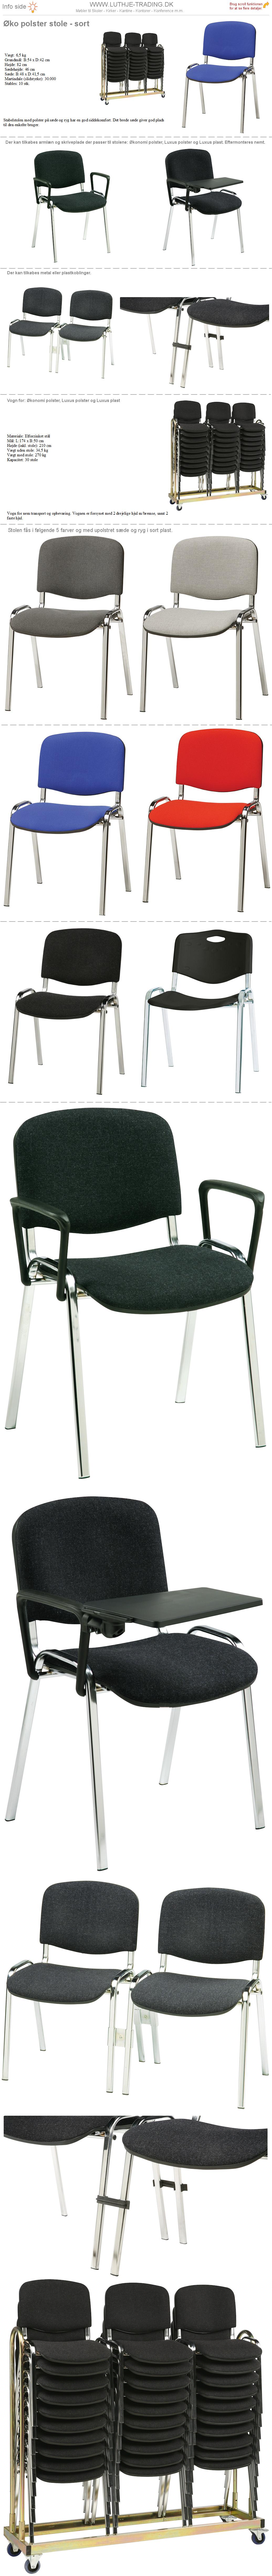 Plaststole Øko polster blå